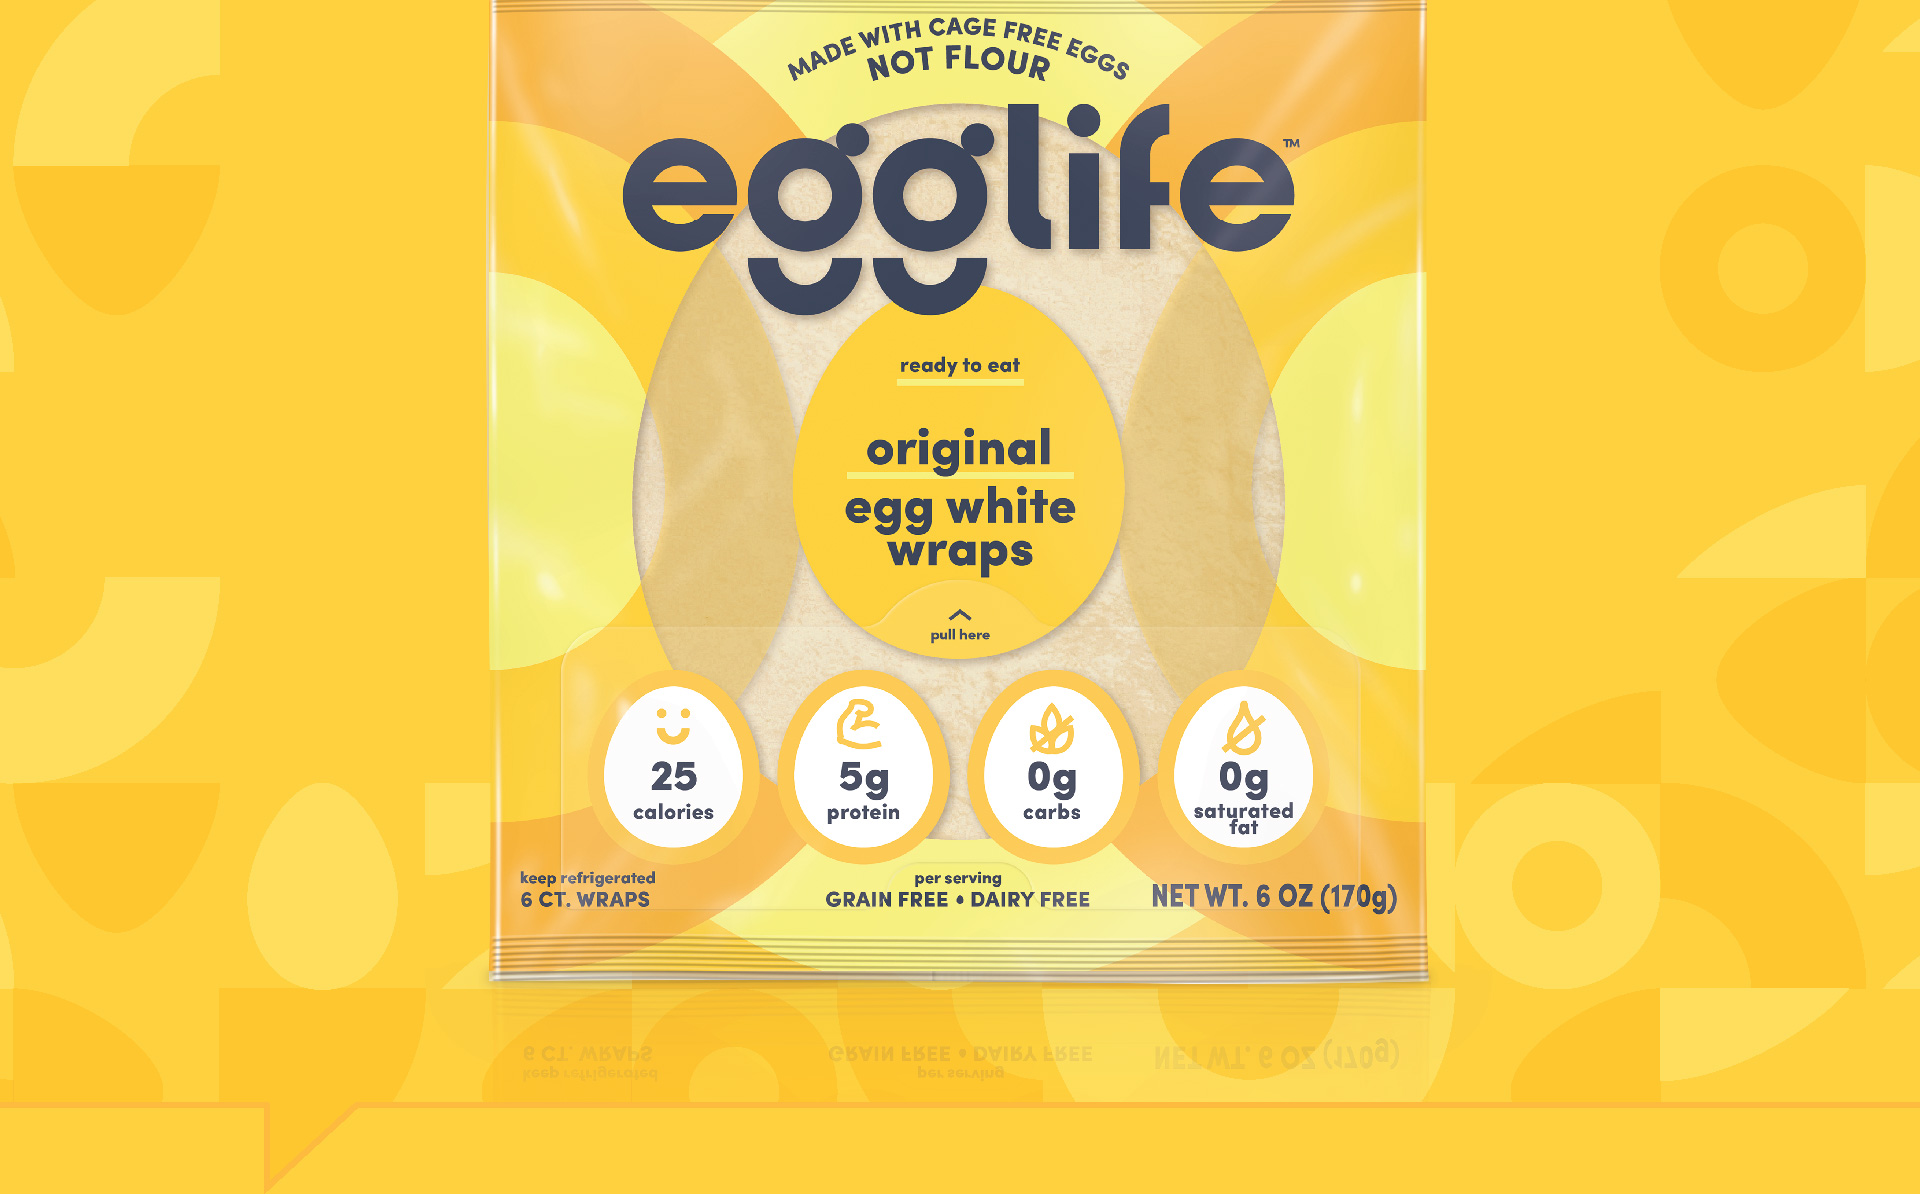 Egglife - Brand Packaging Design